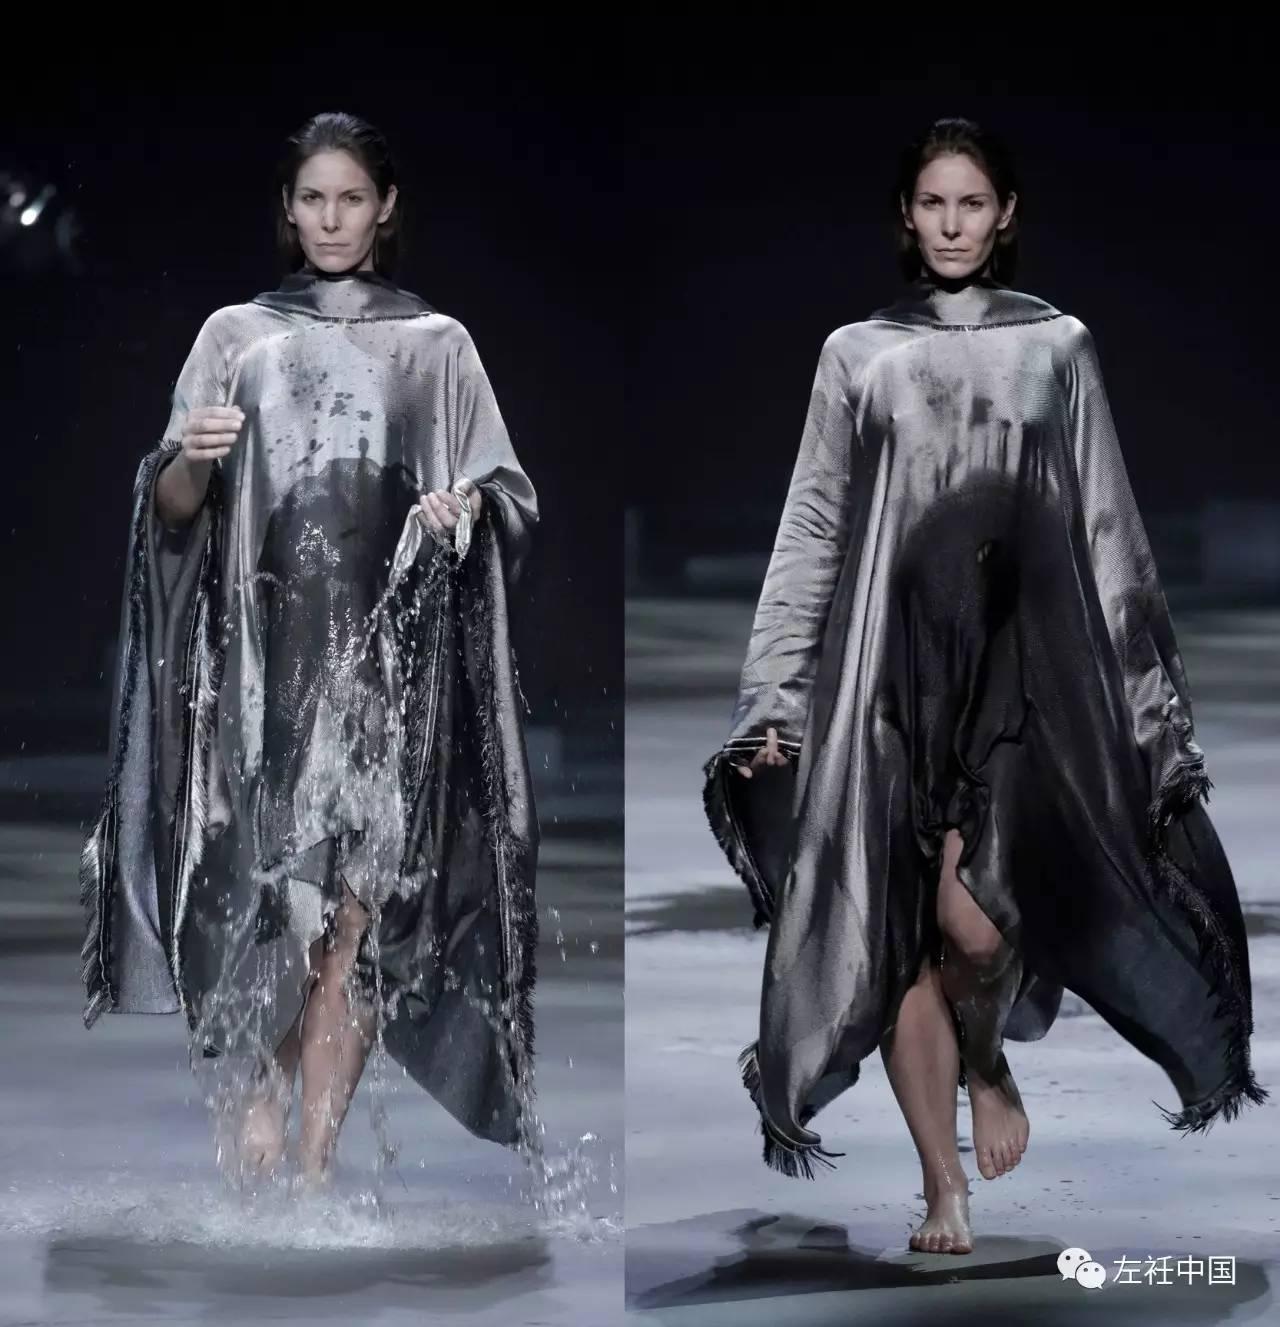 遇水即溶的未来时装震撼全场 ART 第16张